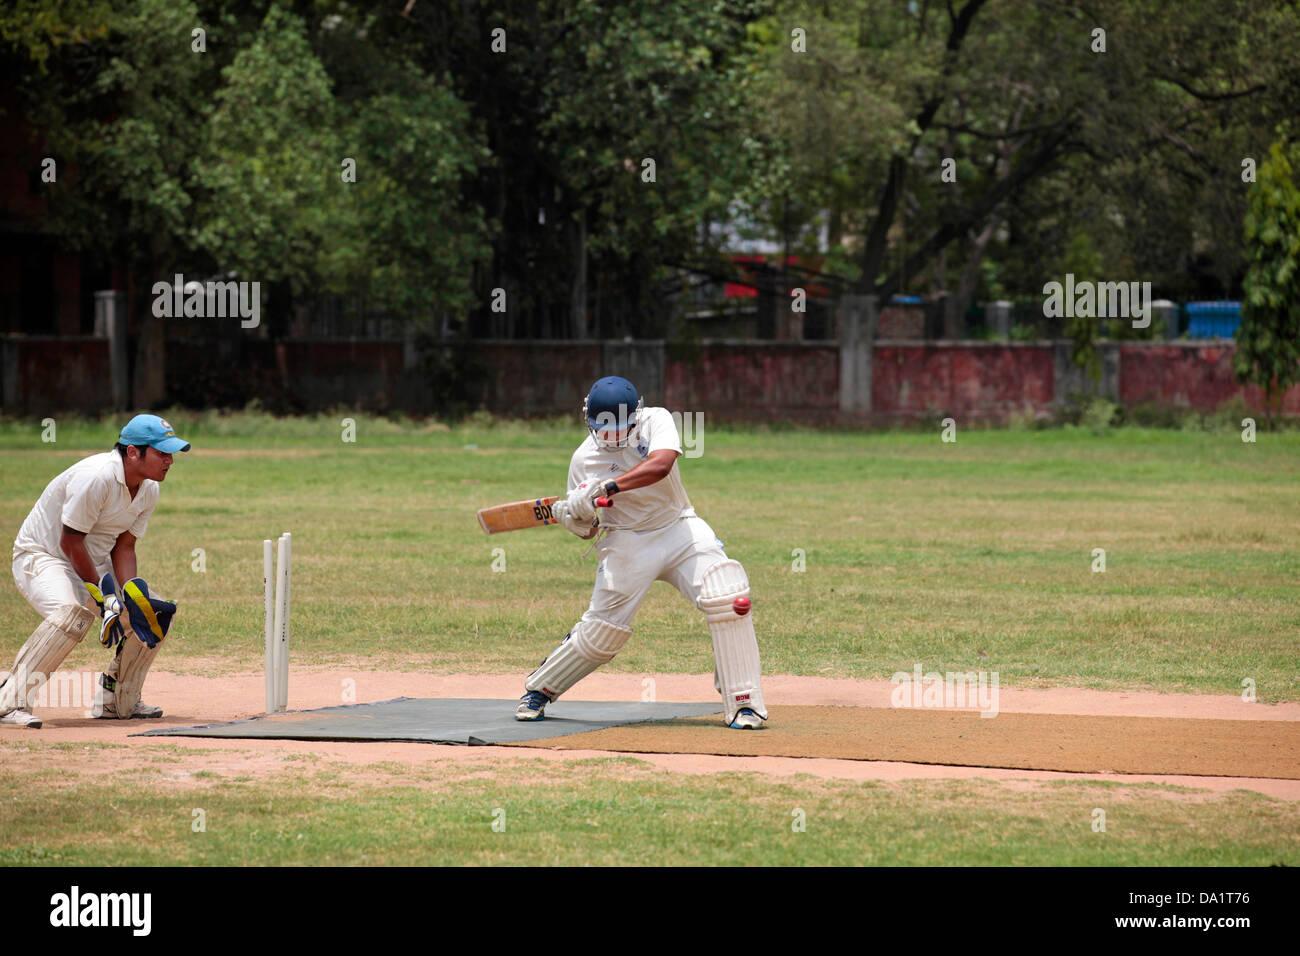 Un Batteur Frappe Le Ballon Pendant Le Match De Cricket Banque D'Images